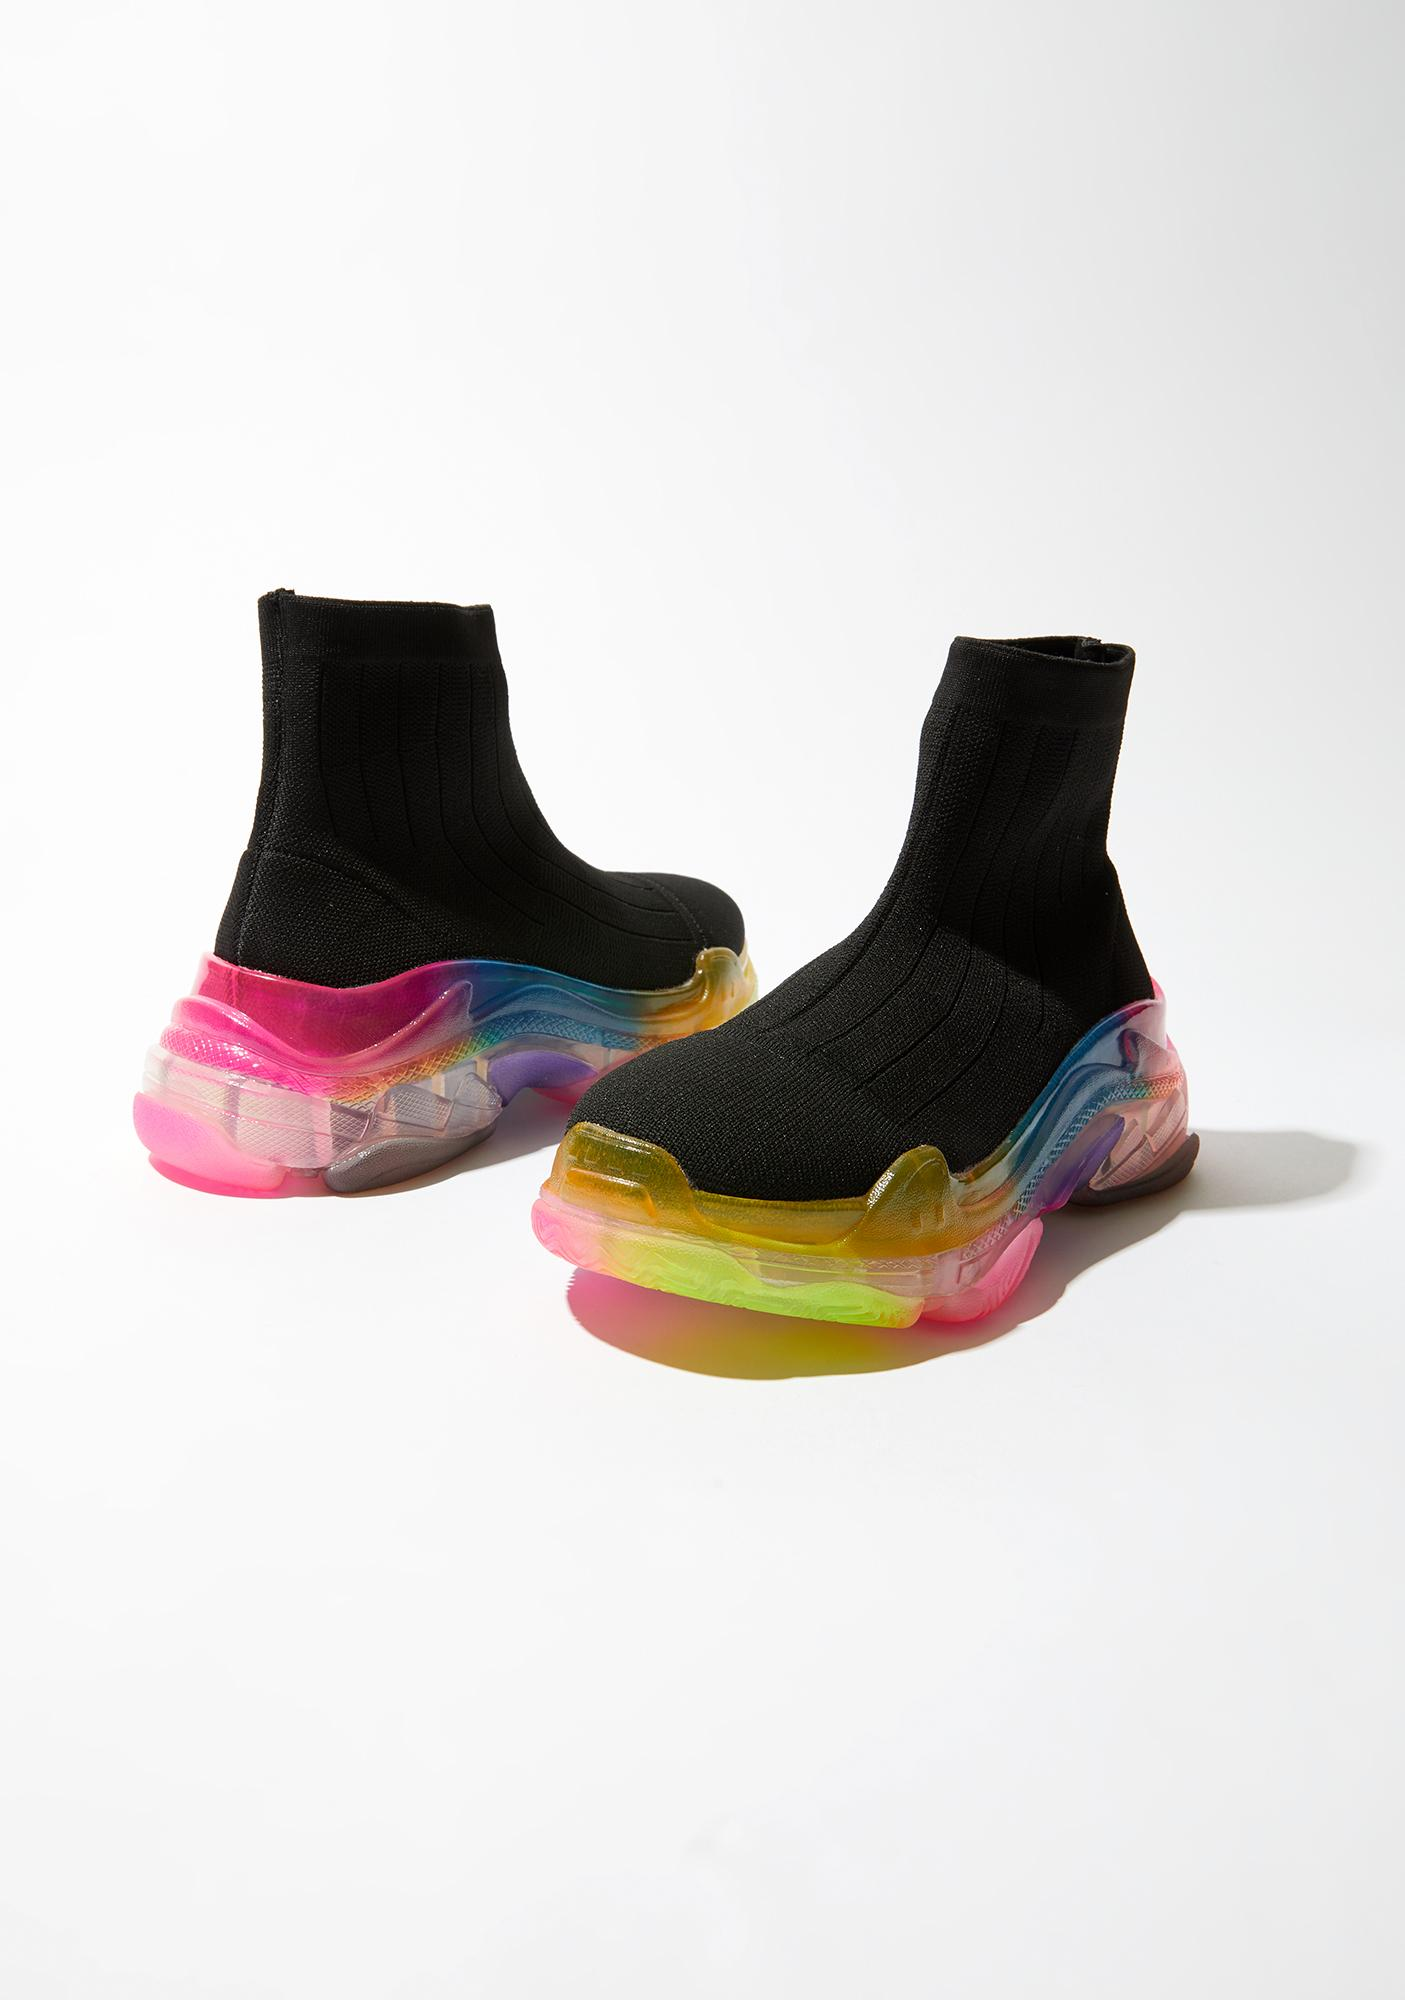 Kick It Up Sock Sneakers